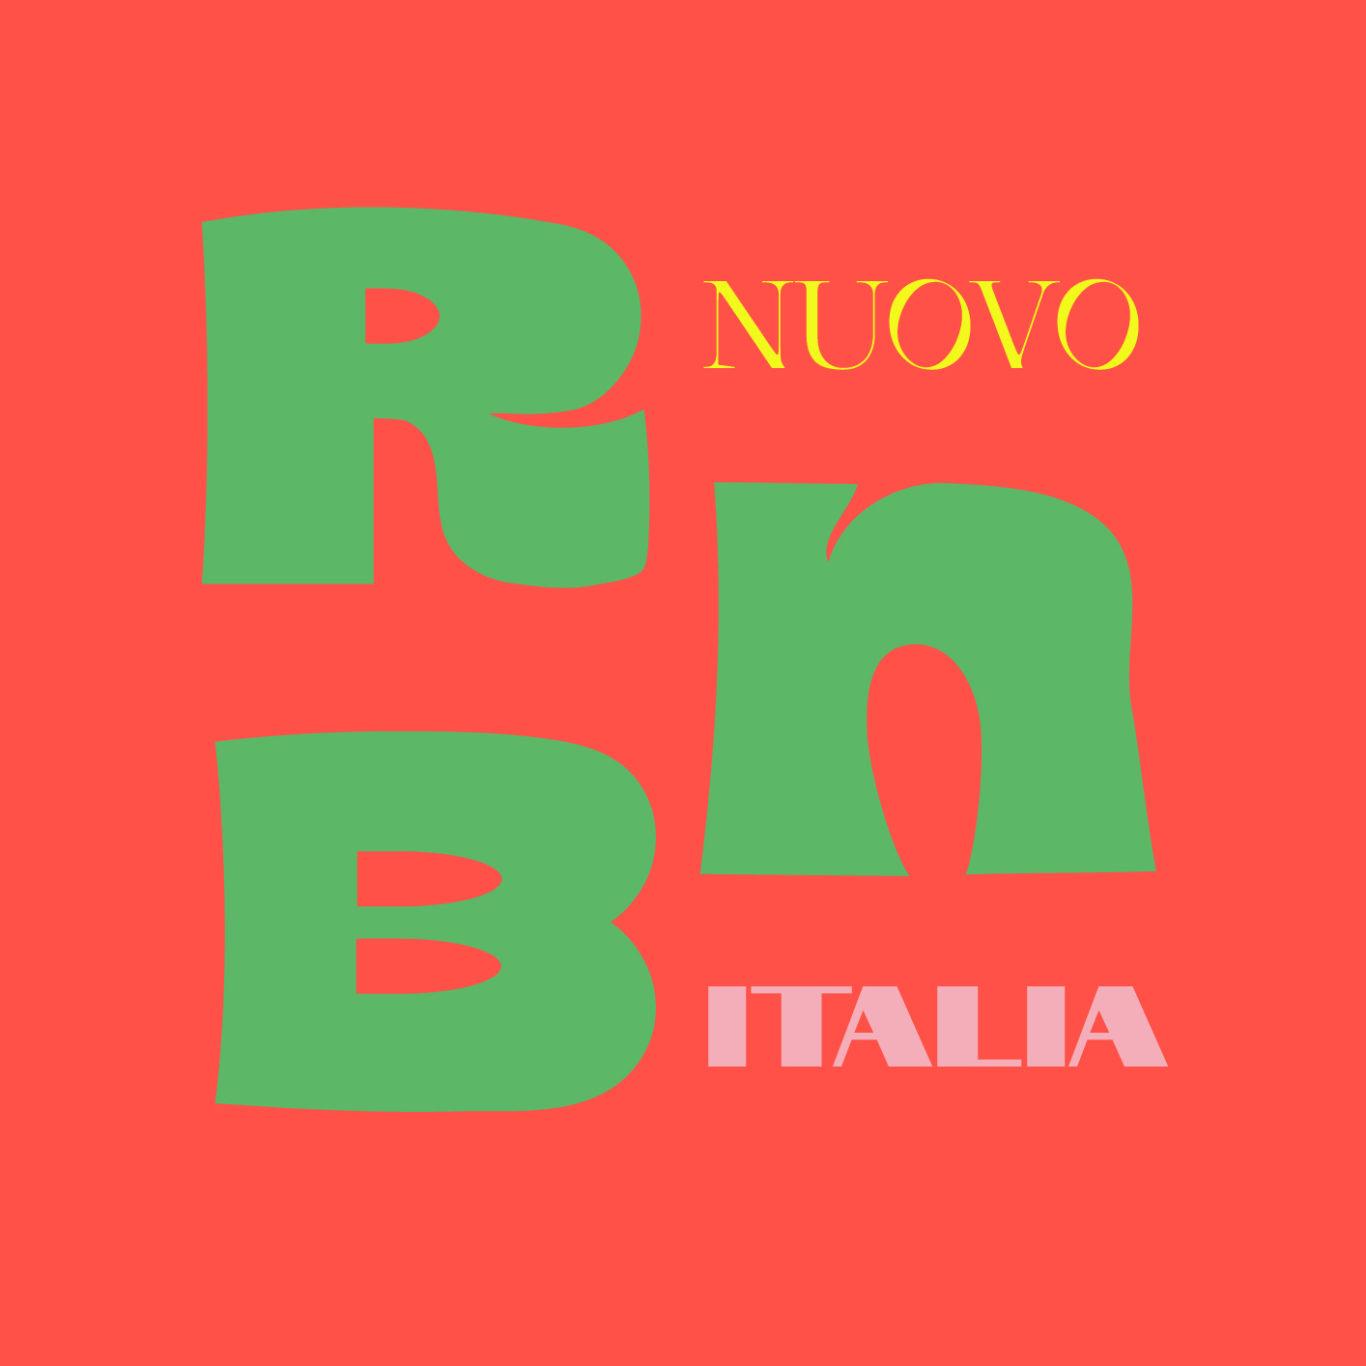 NUOVO RNB ITALIA